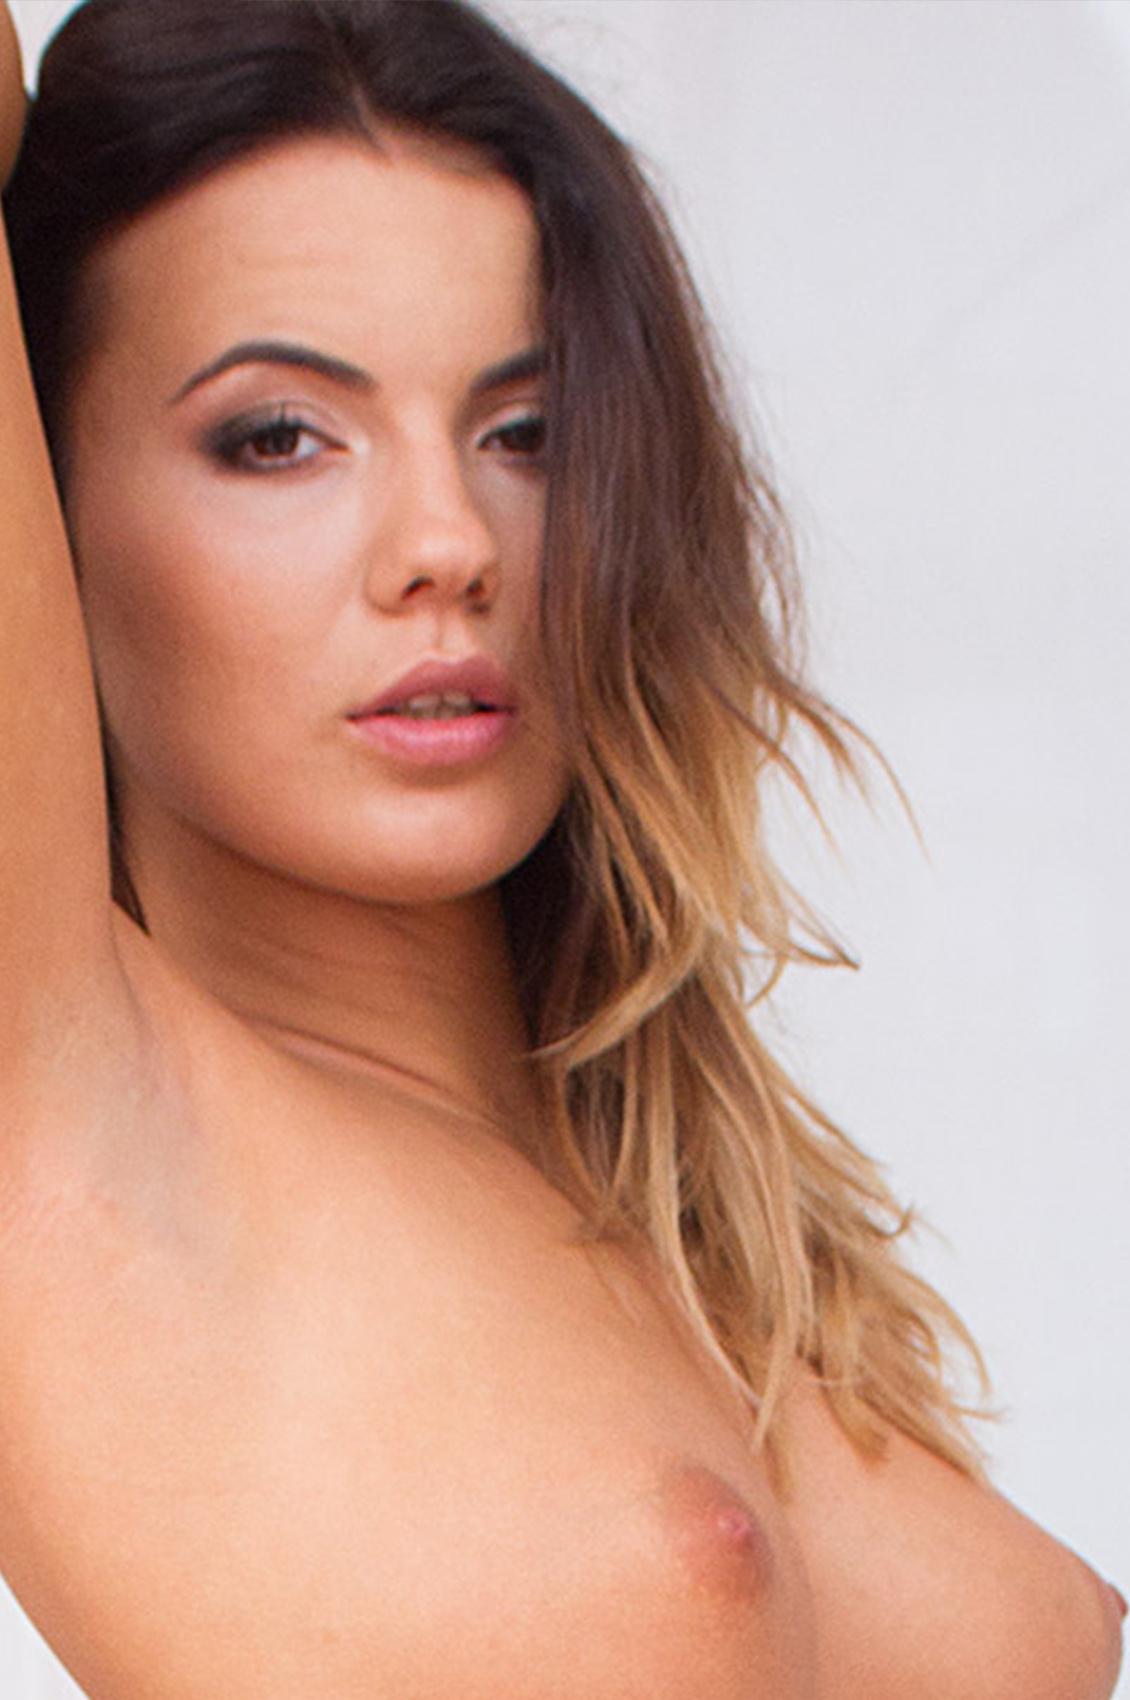 Vanessa Decker's VR Porn Videos, Bio & Free Nude Pics